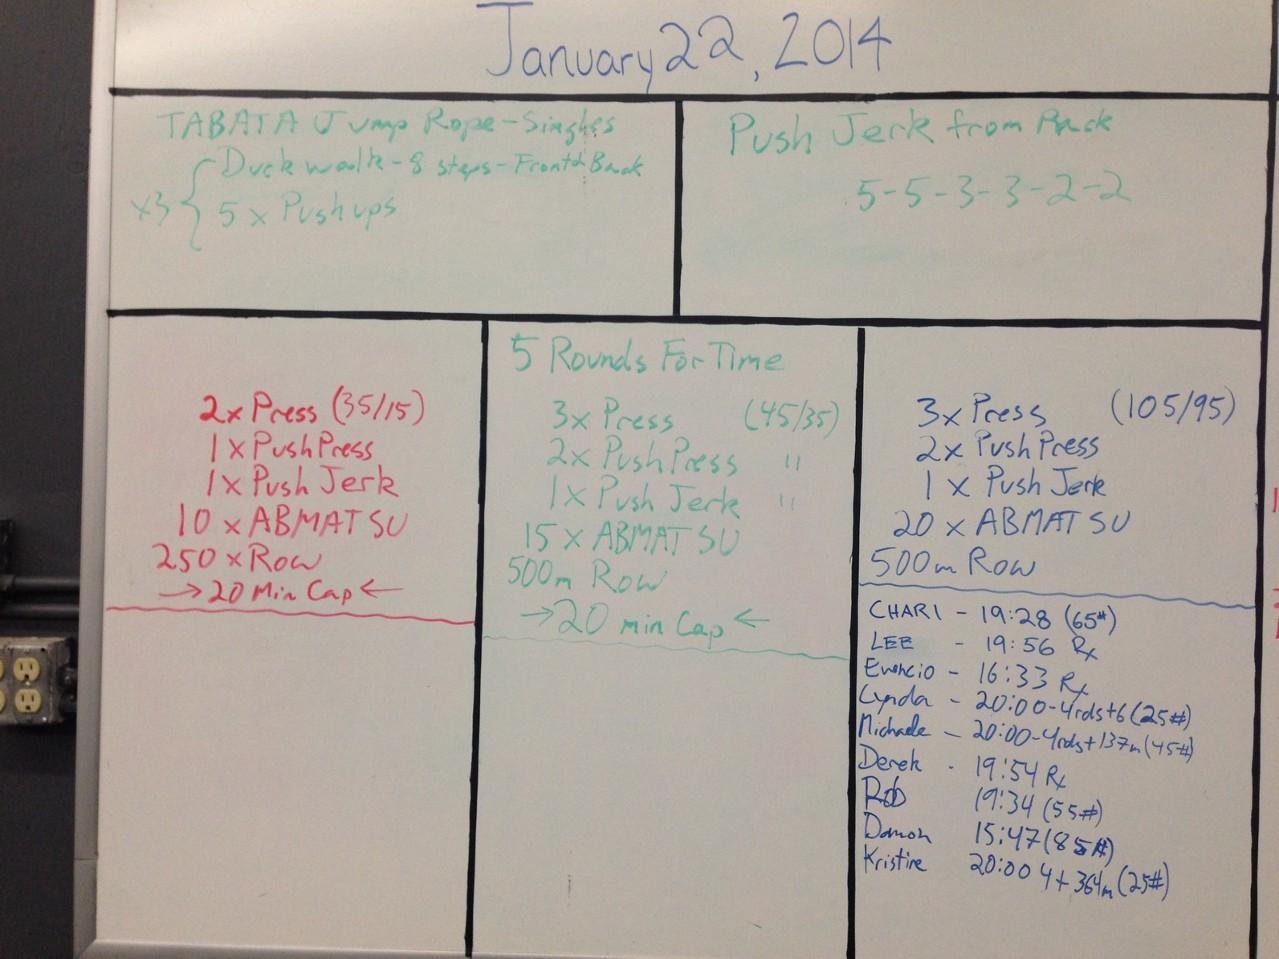 Jan 22 WOD Results